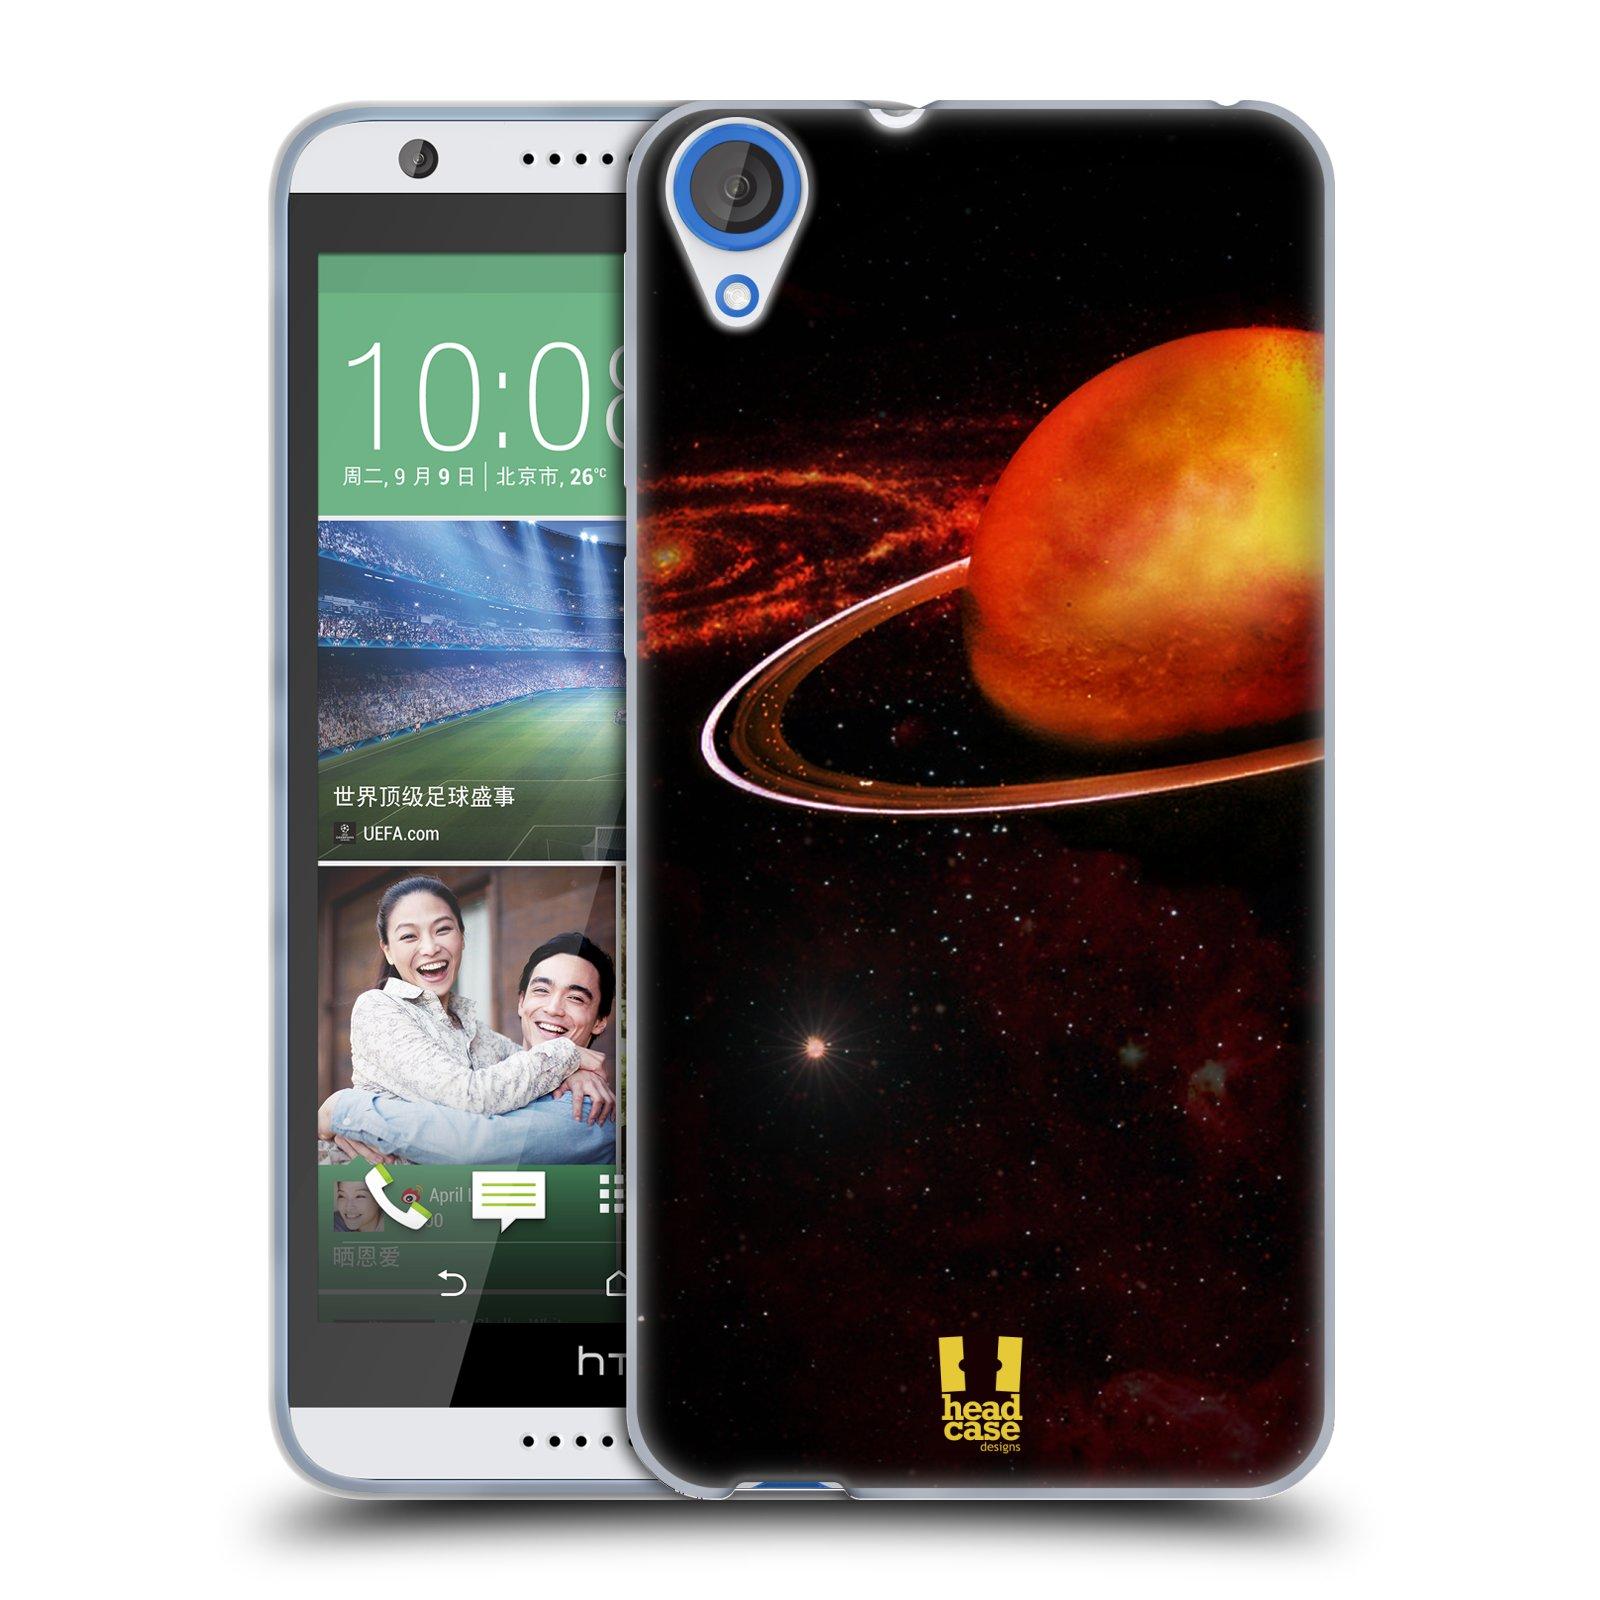 Silikonové pouzdro na mobil HTC Desire 820 HEAD CASE URAN (Silikonový kryt či obal na mobilní telefon HTC Desire 820)